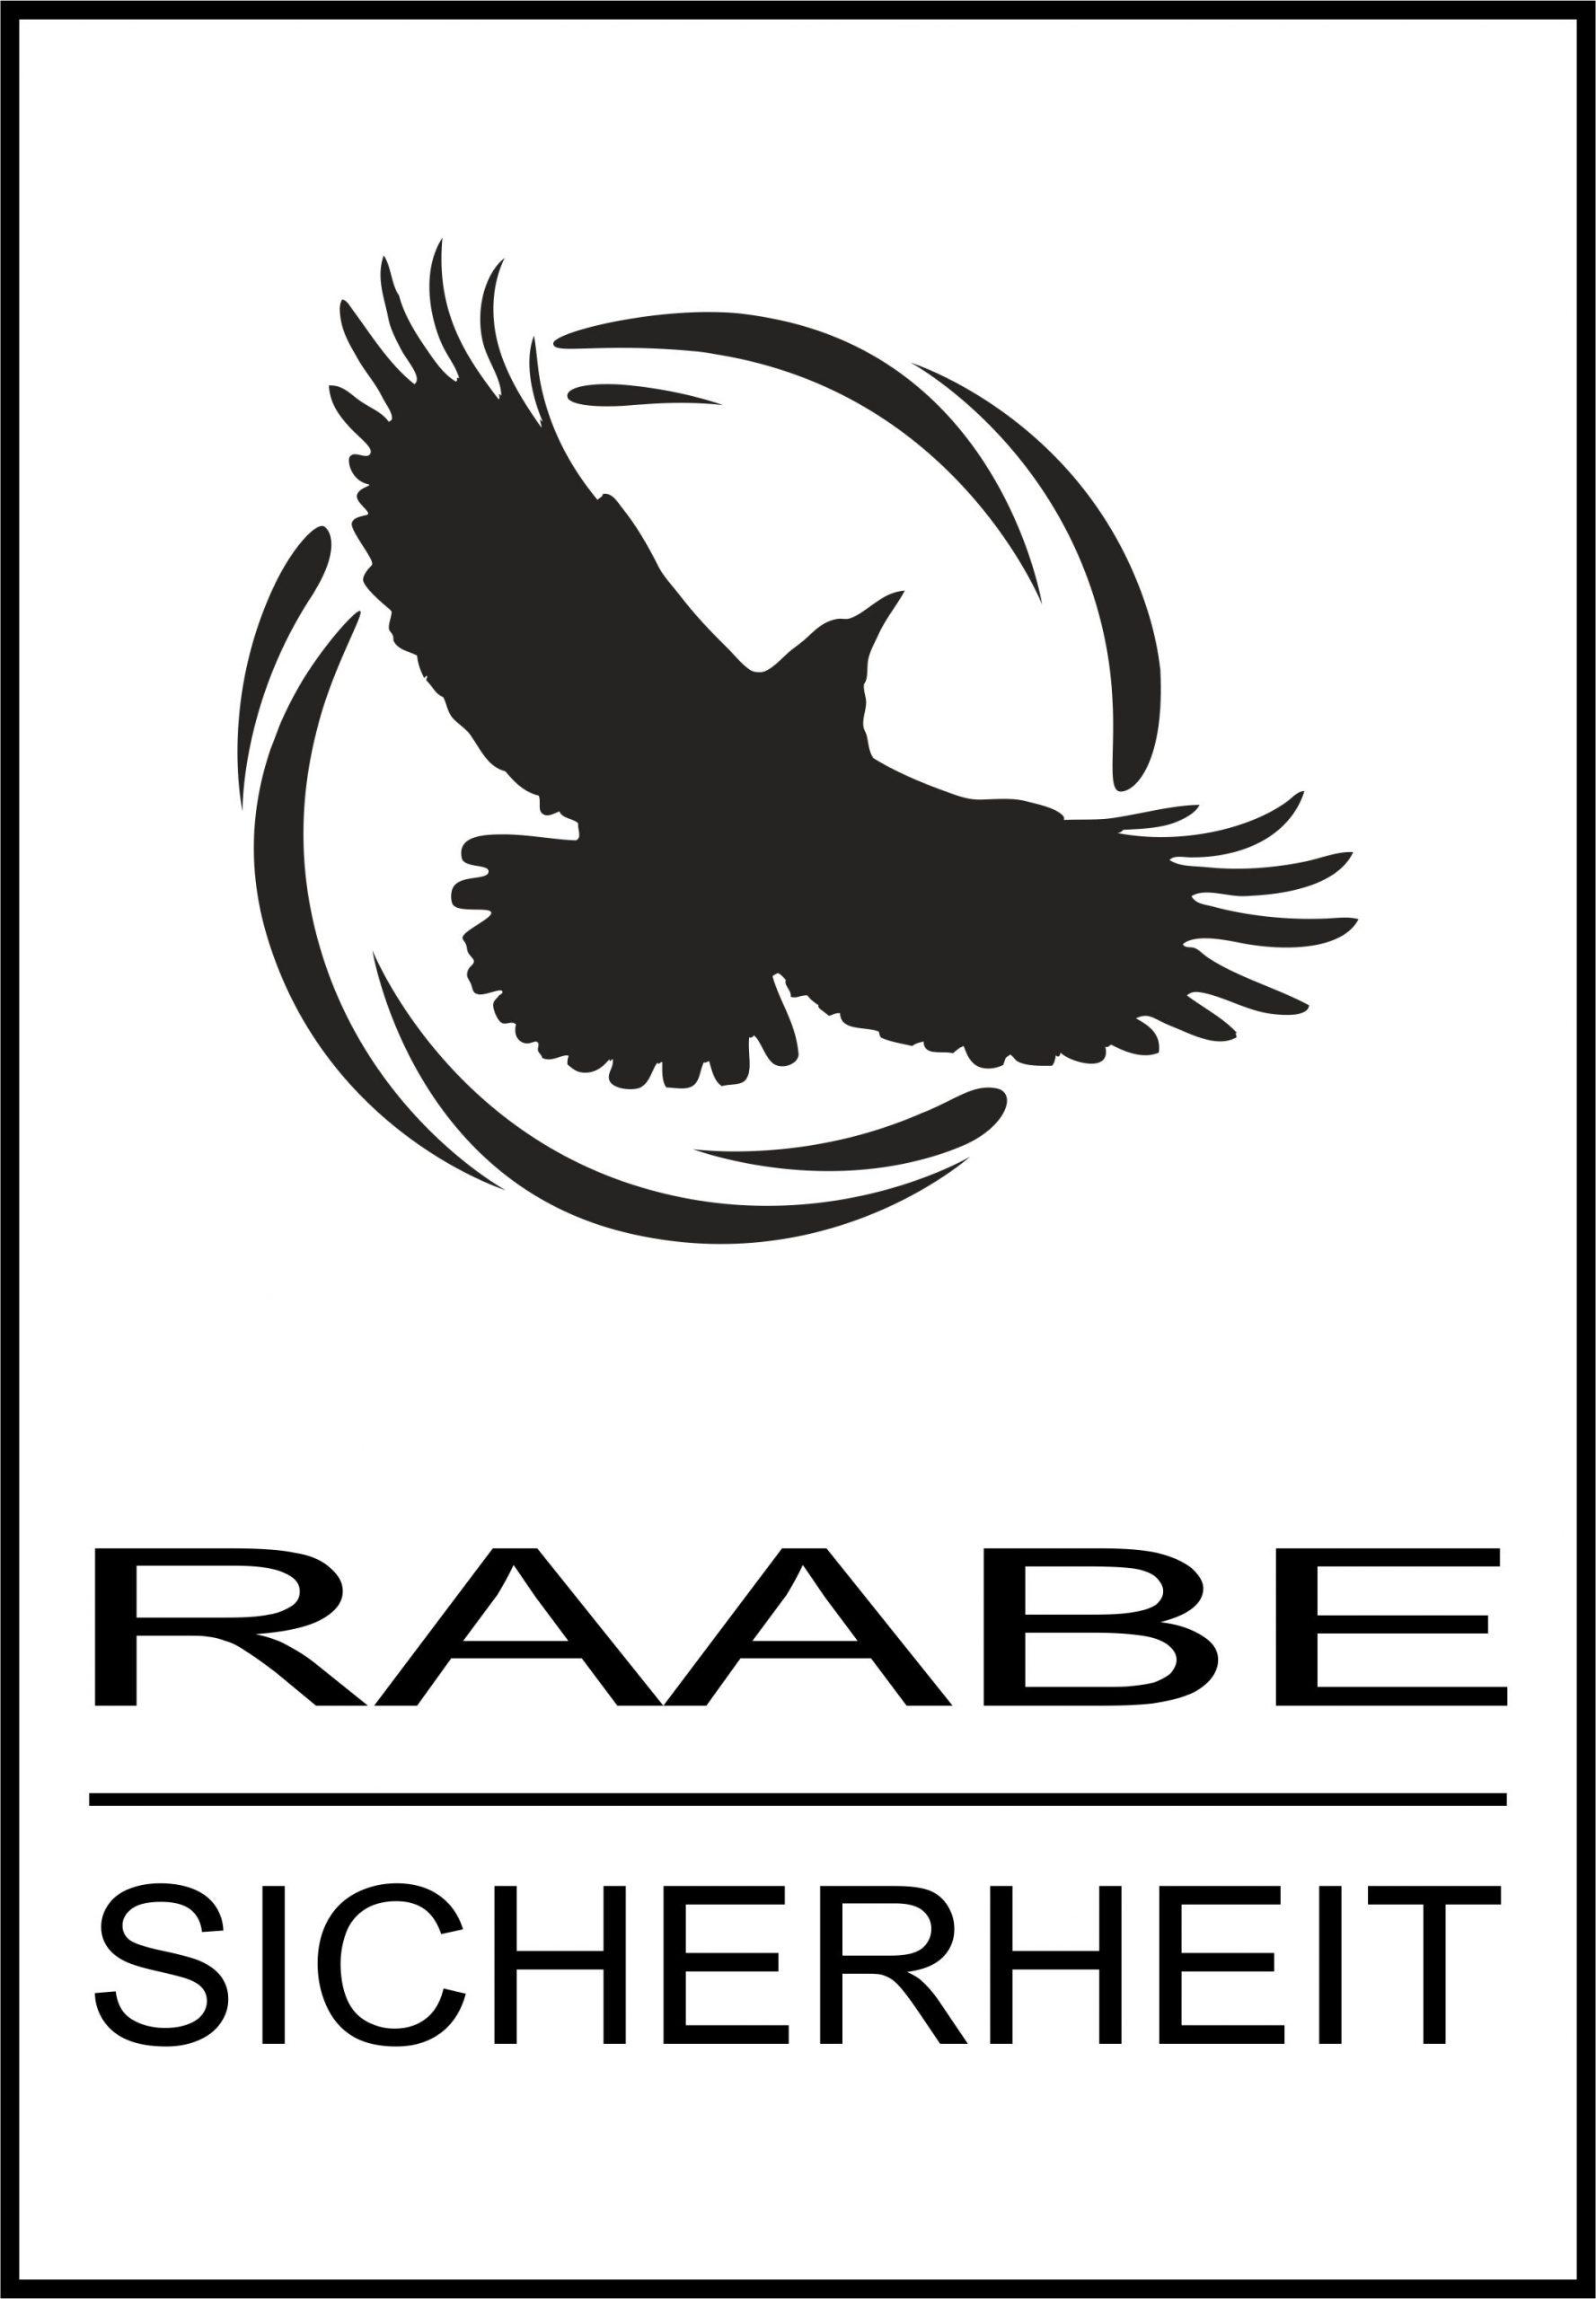 Logo der Raabe Sicherheit- und Eventmanagement GmbH & Co.KG